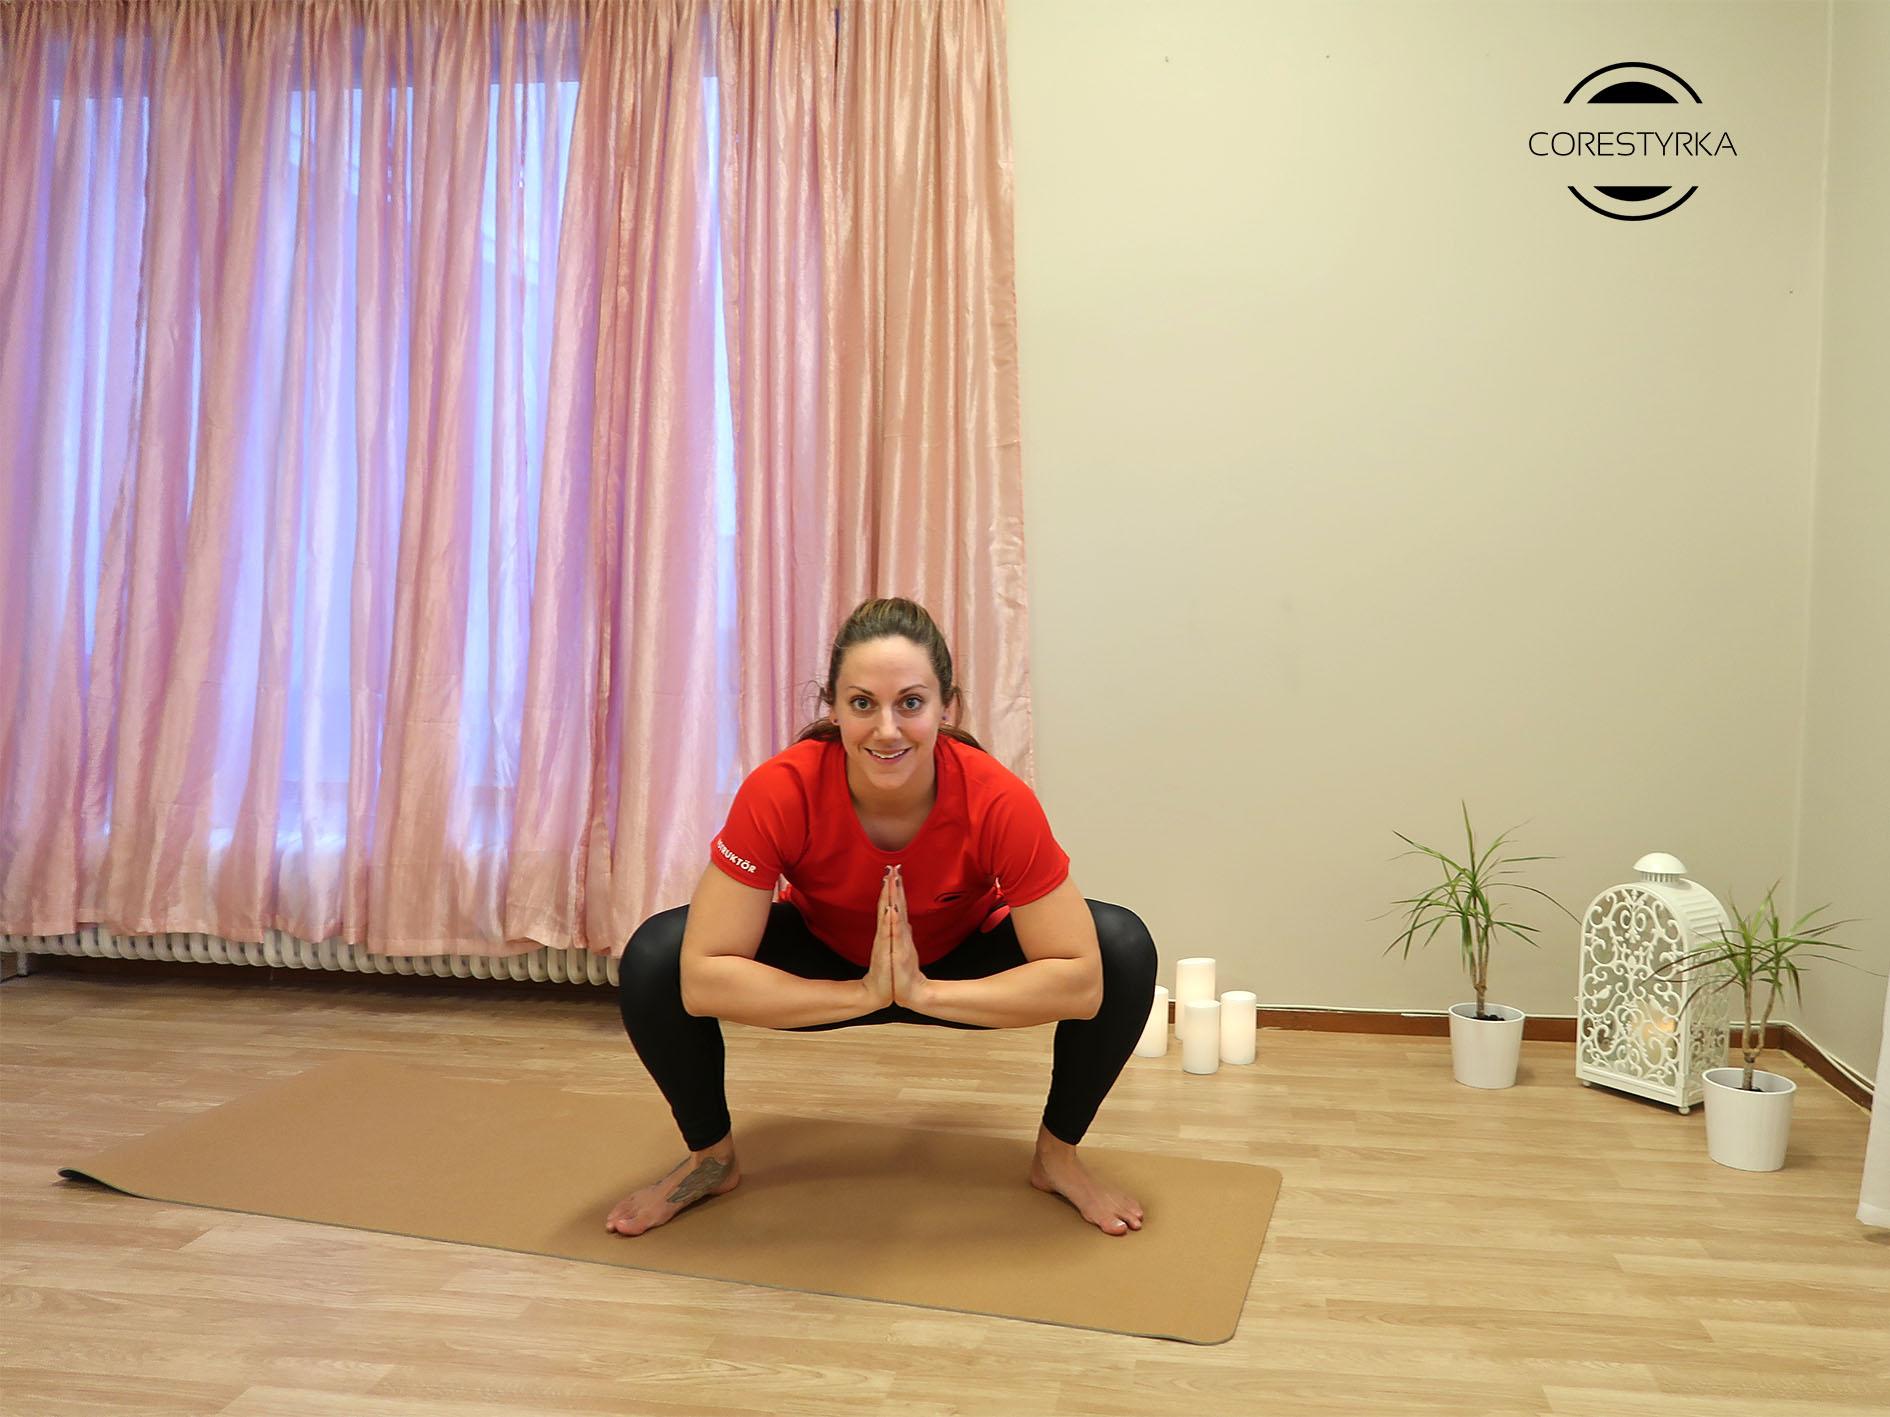 Ryggrotation yogaövning